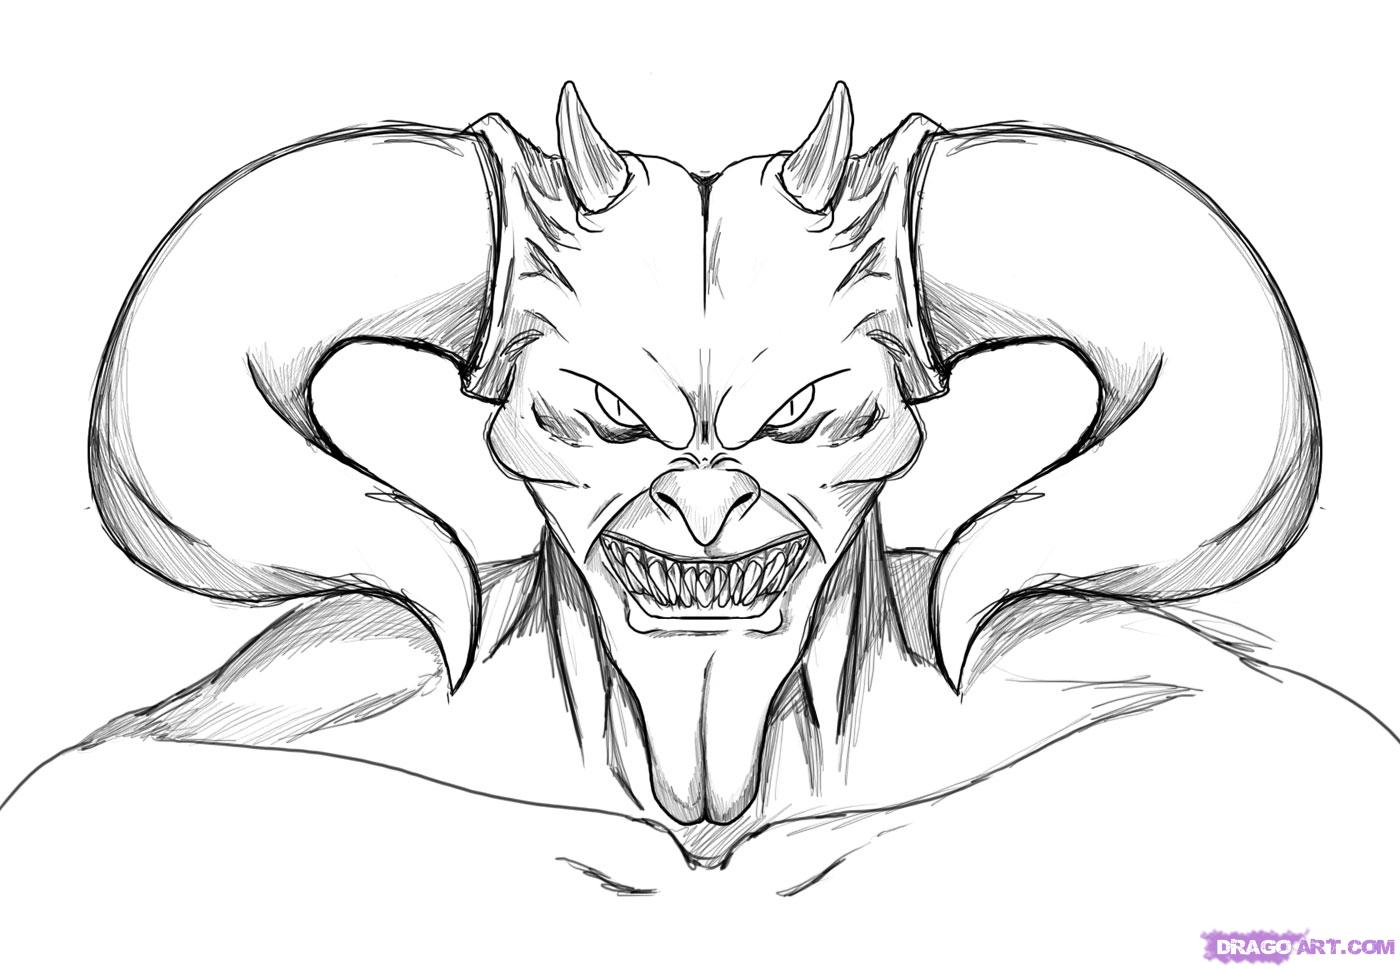 1400x969 Drawing Of The Devil A Devil Skull, Devil Skull Tattoo, Addeddawn